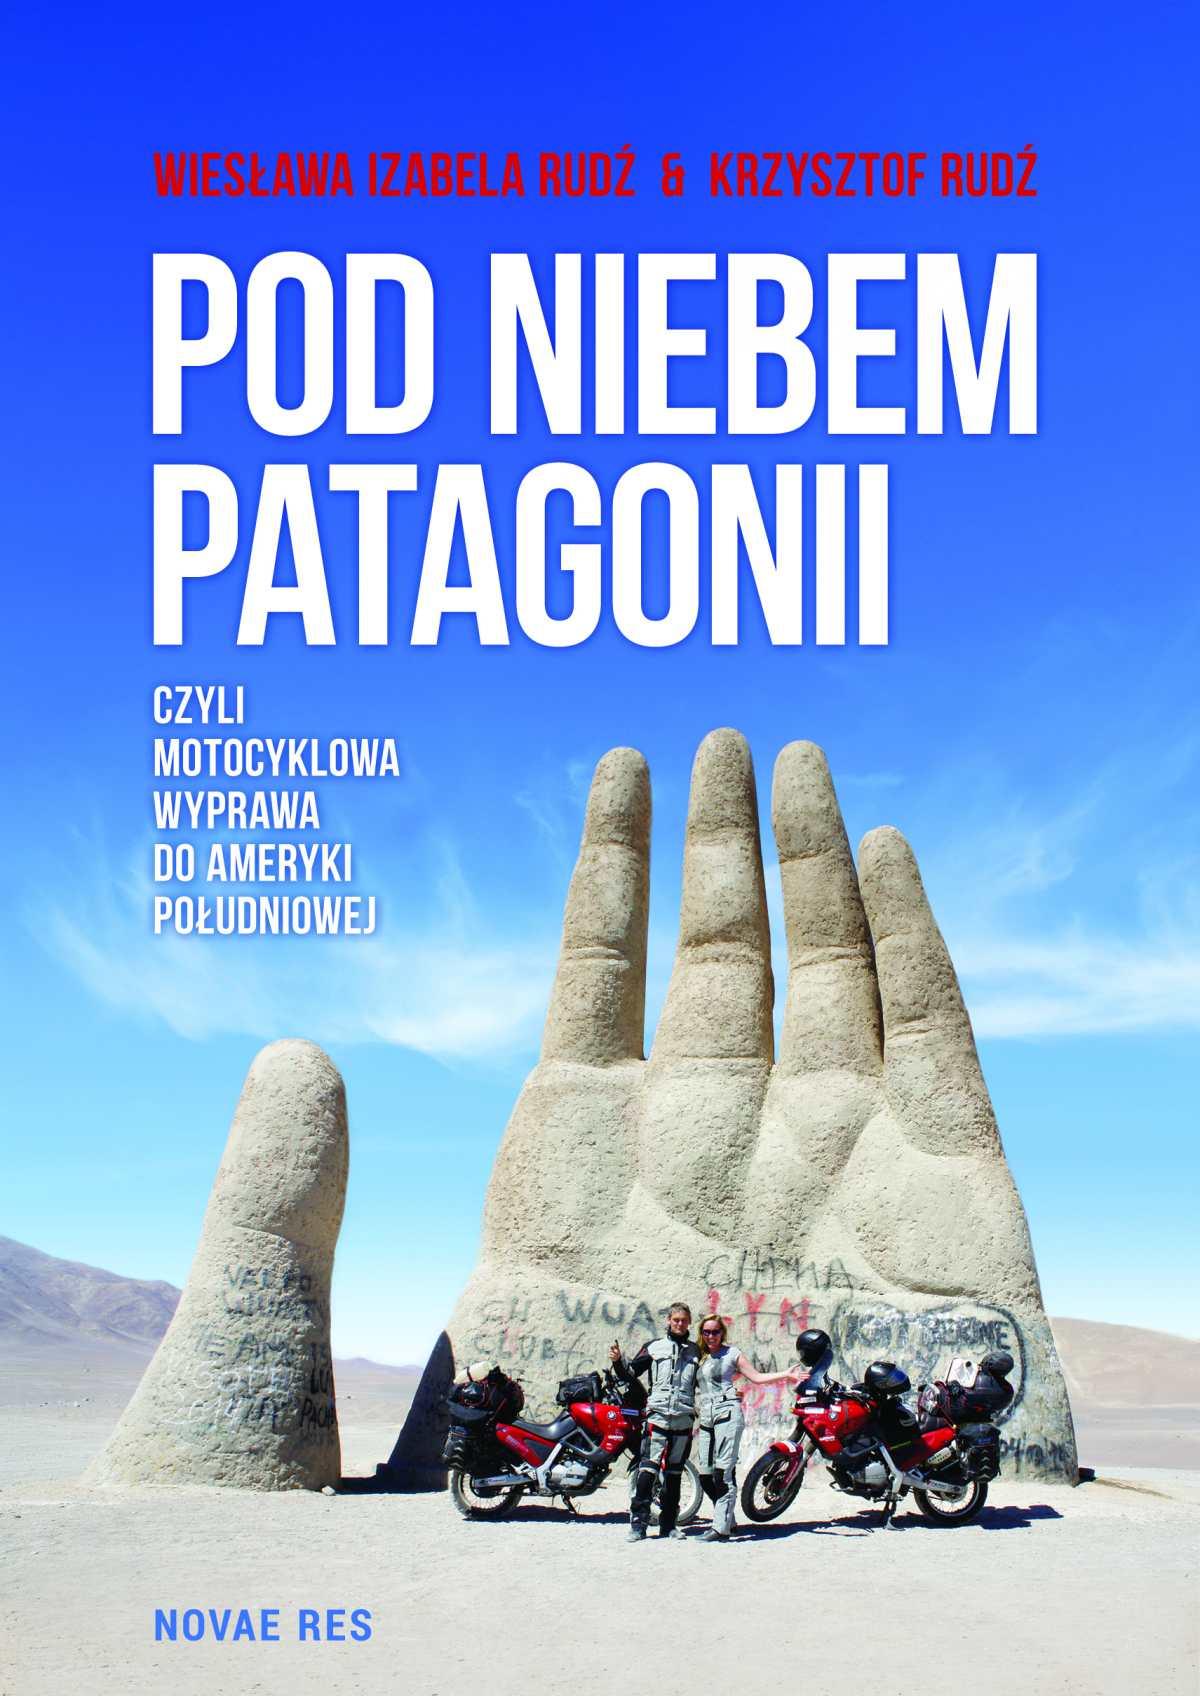 Pod niebem Patagonii, czyli motocyklowa wyprawa do Ameryki Południowej - Ebook (Książka EPUB) do pobrania w formacie EPUB